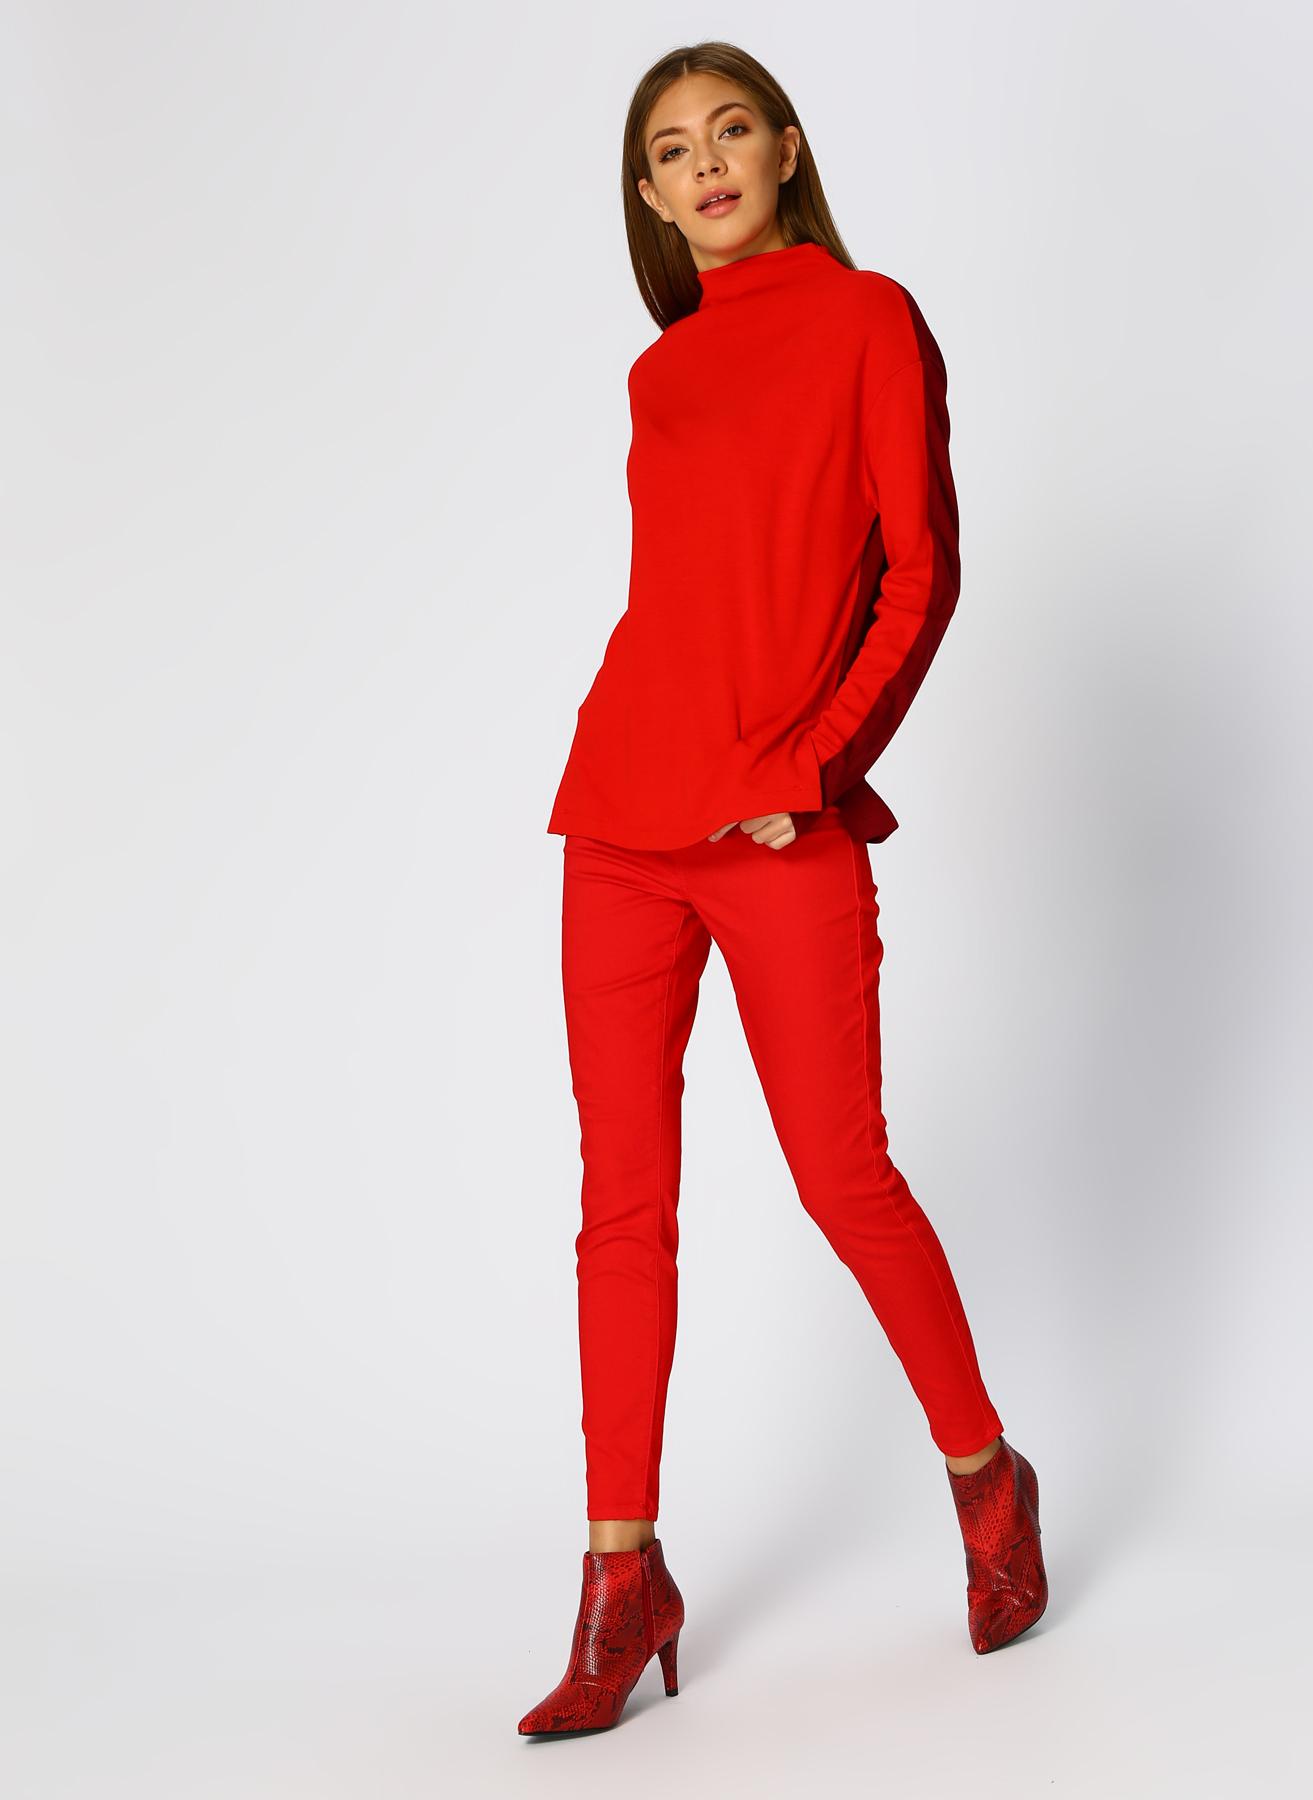 Vero Moda Kırmızı Pantolon L 5001705274001 Ürün Resmi